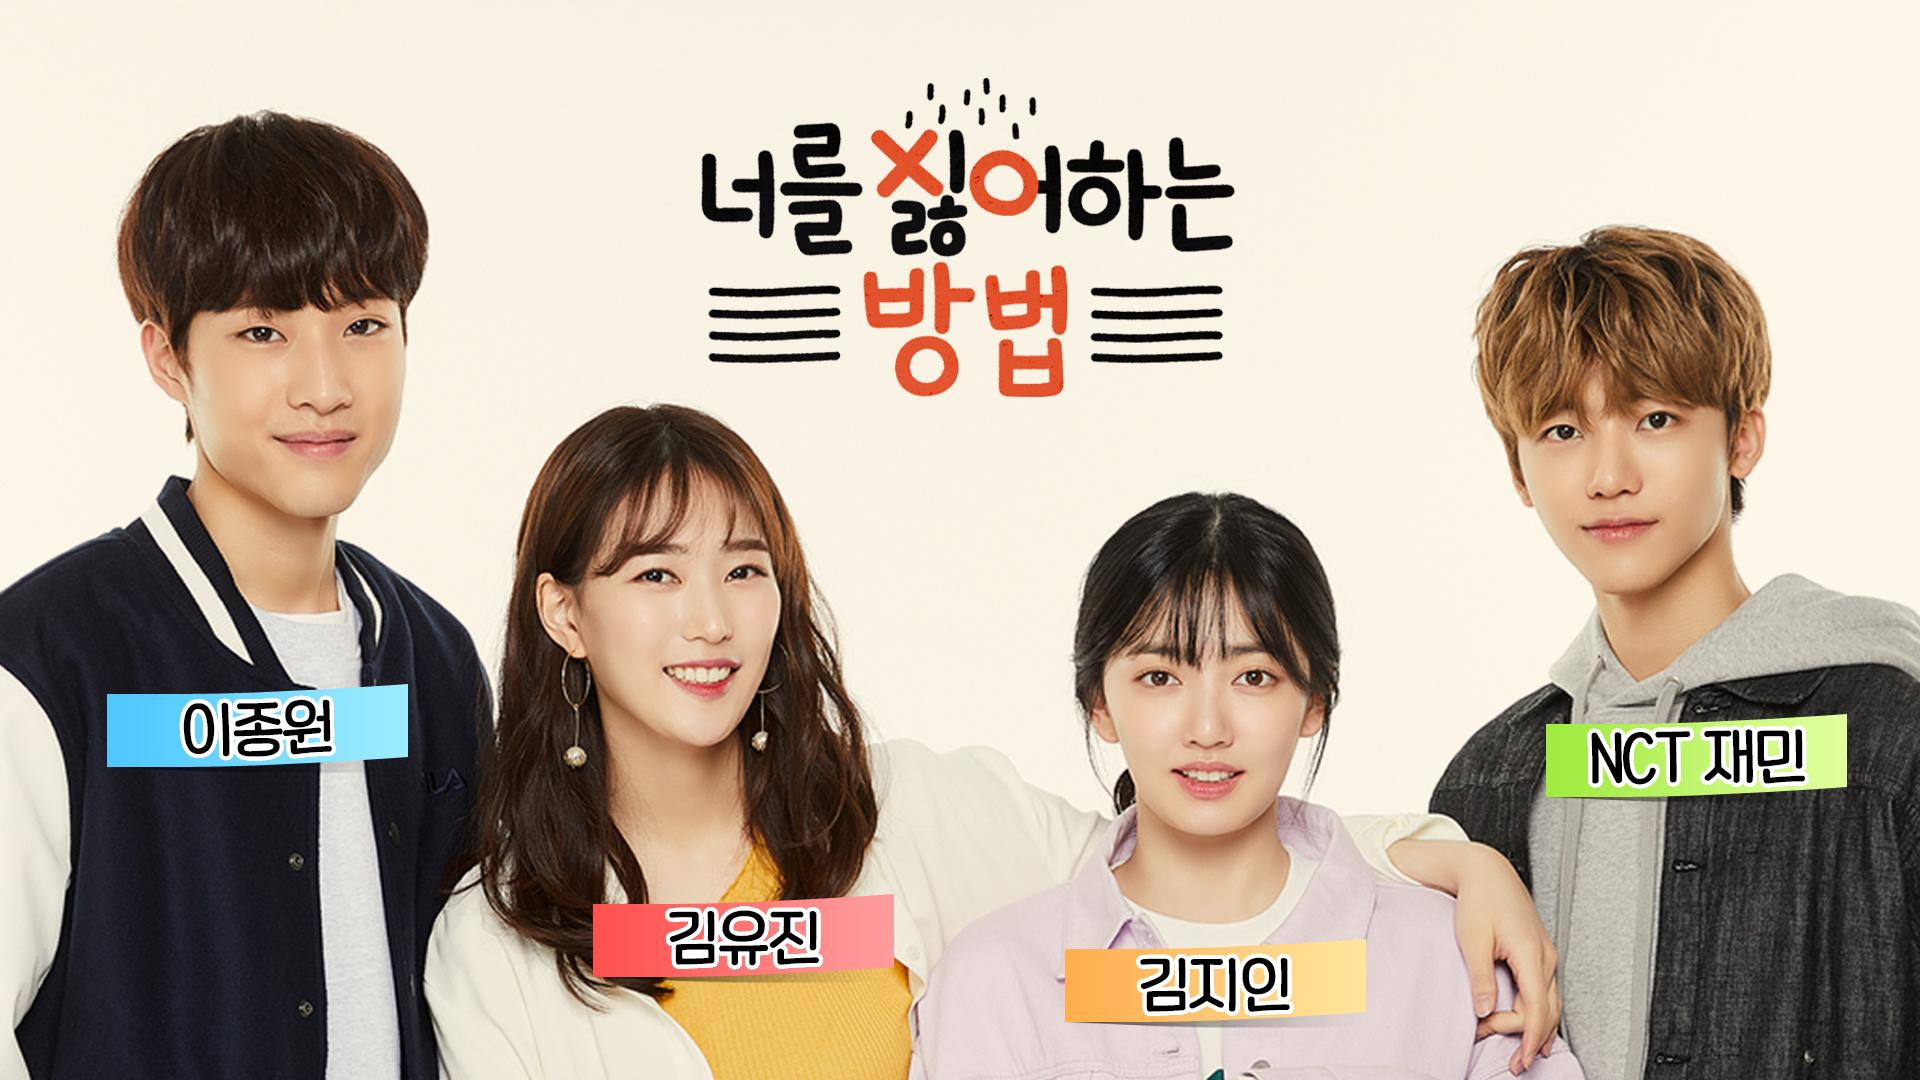 [JTBC4] '너를 싫어하는 방법' 현장 브이라이브!!  #NCT재민 #김지인 #이종원 #김유진